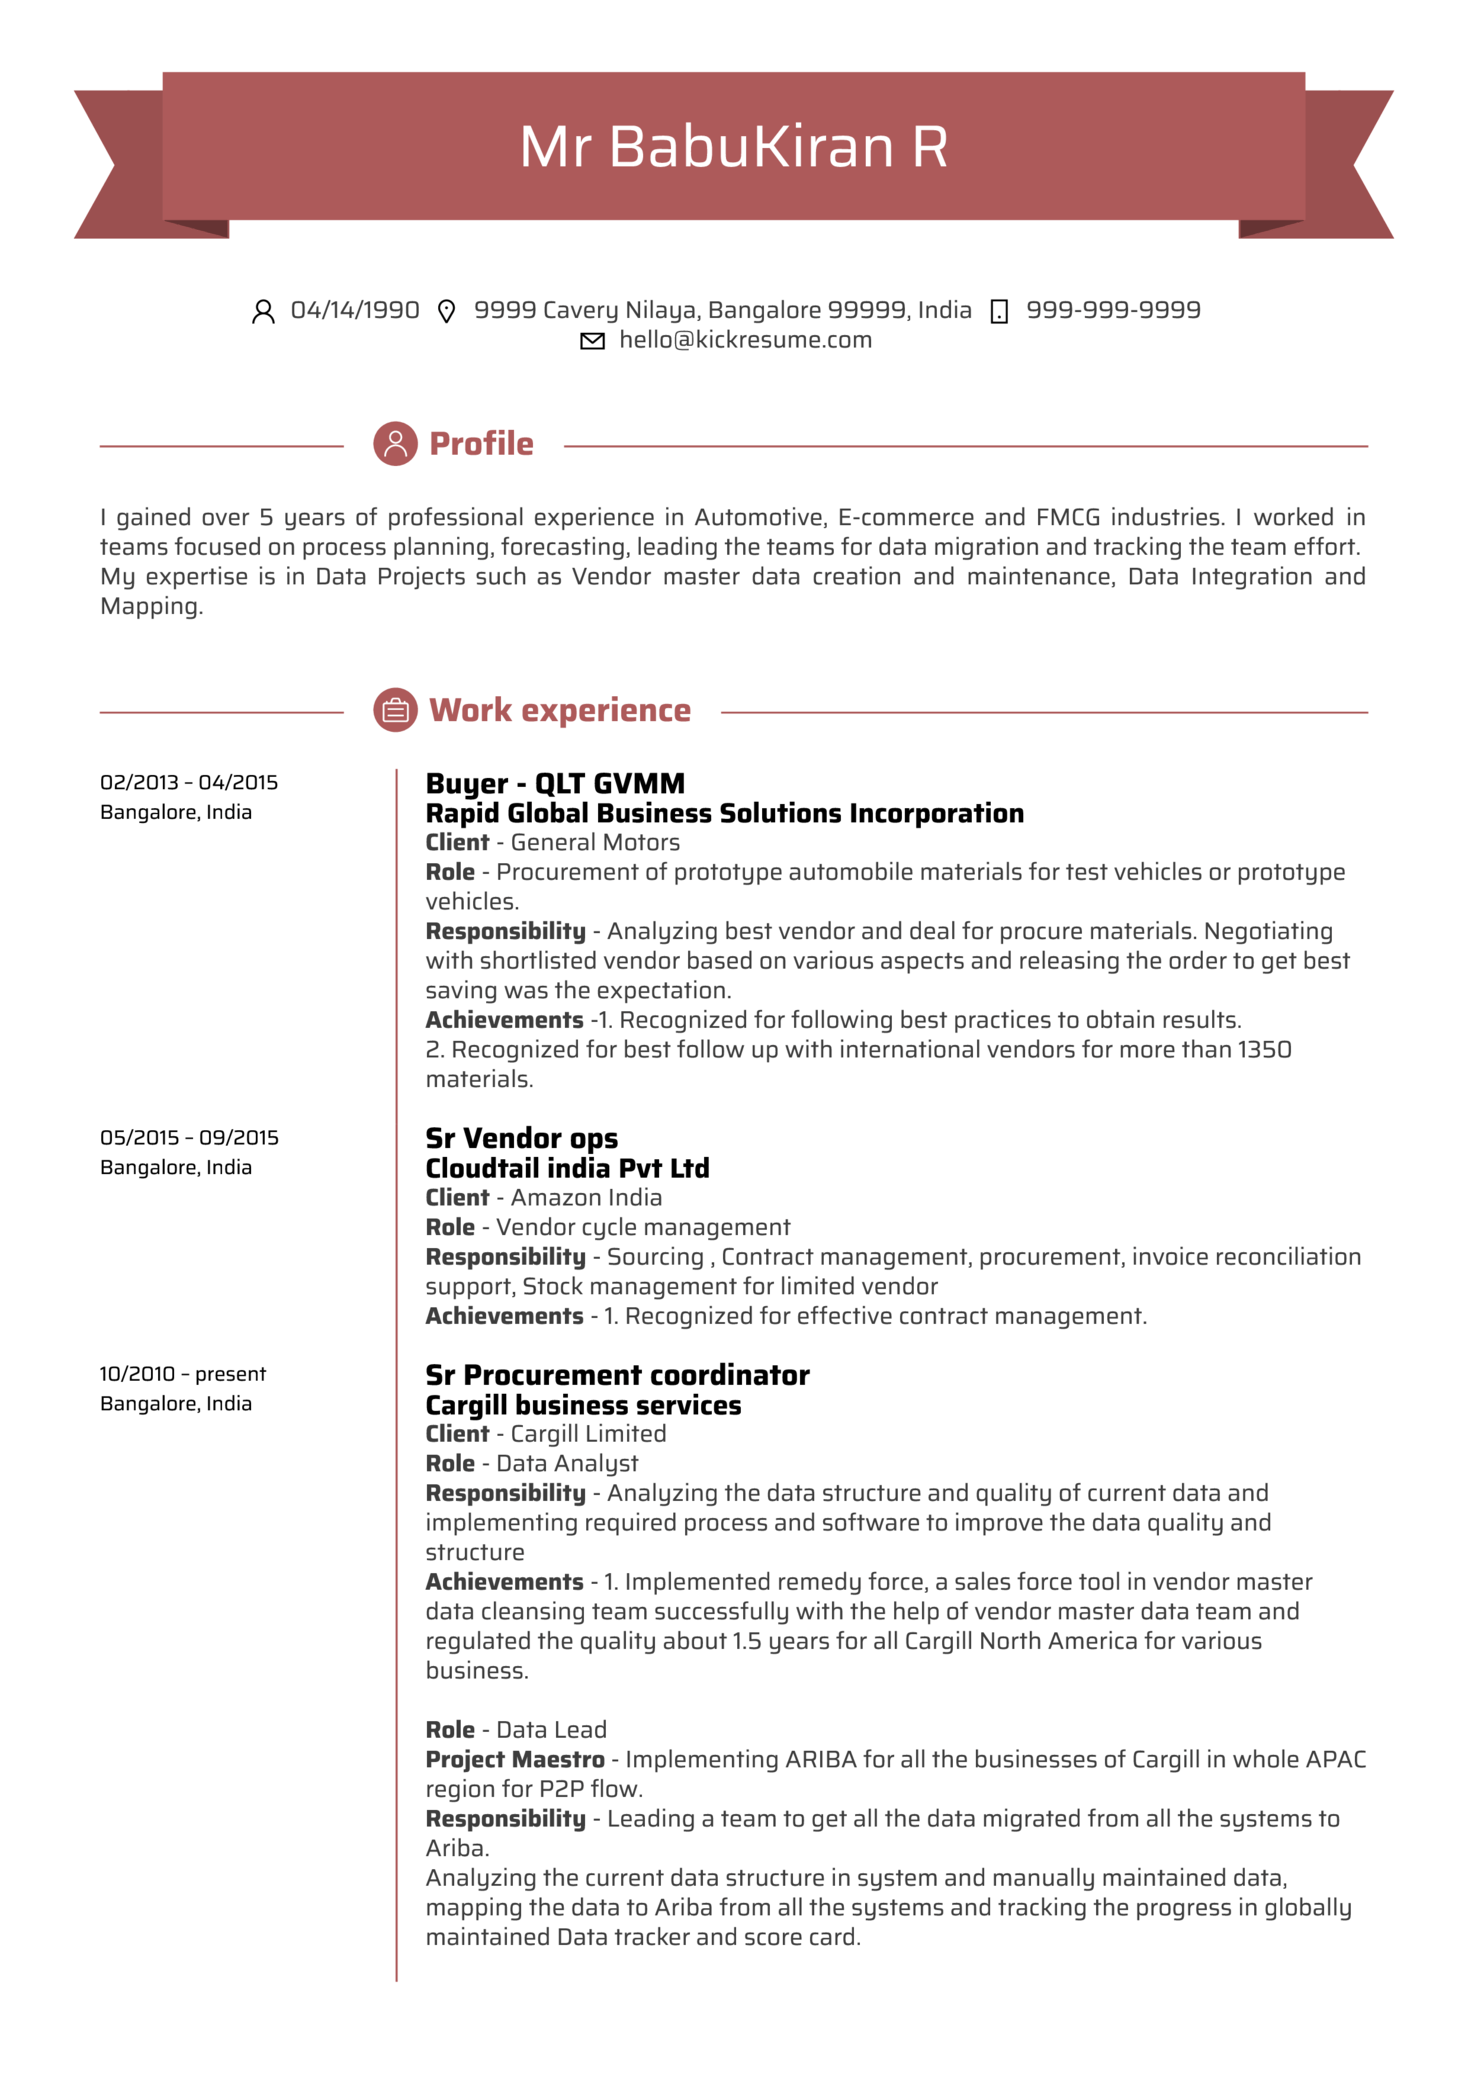 Data Analyst CV Example (časť 1)